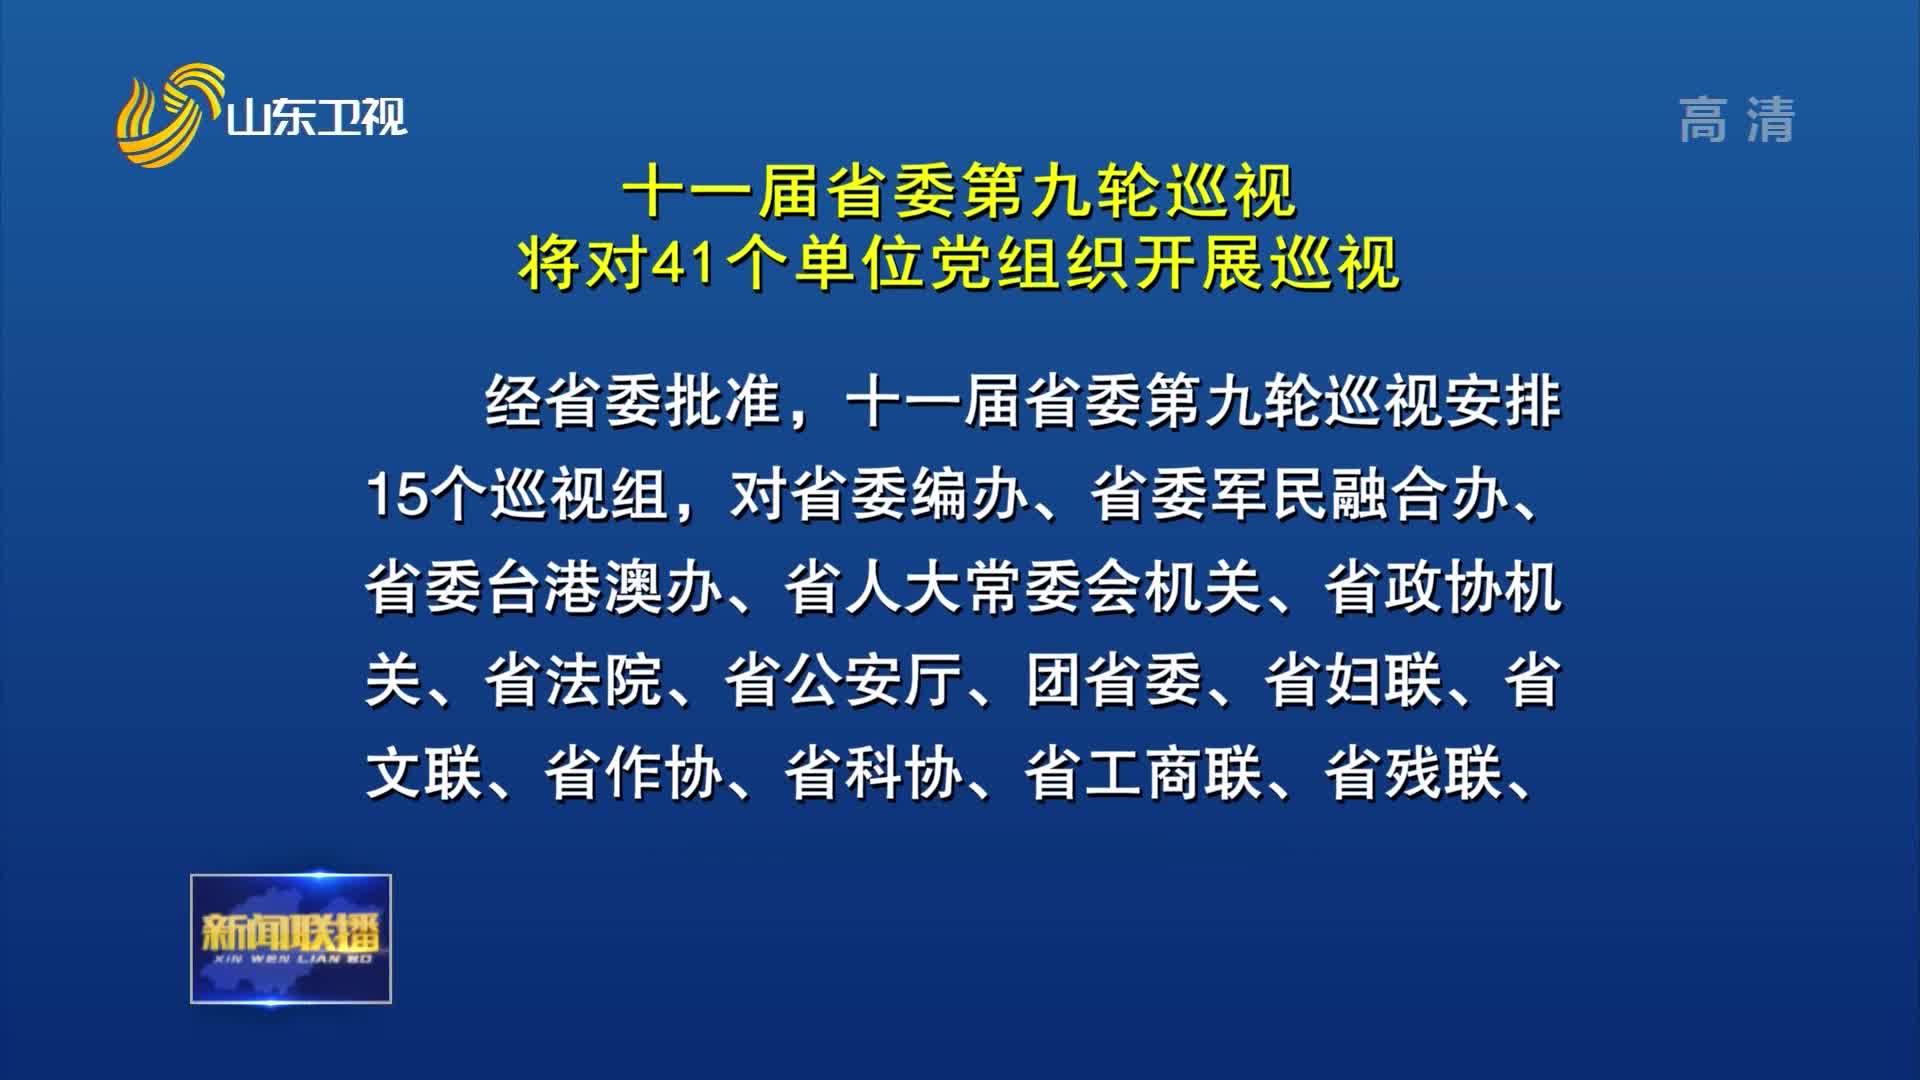 十一届省委第九轮巡视将对41个单位党组织开展巡视